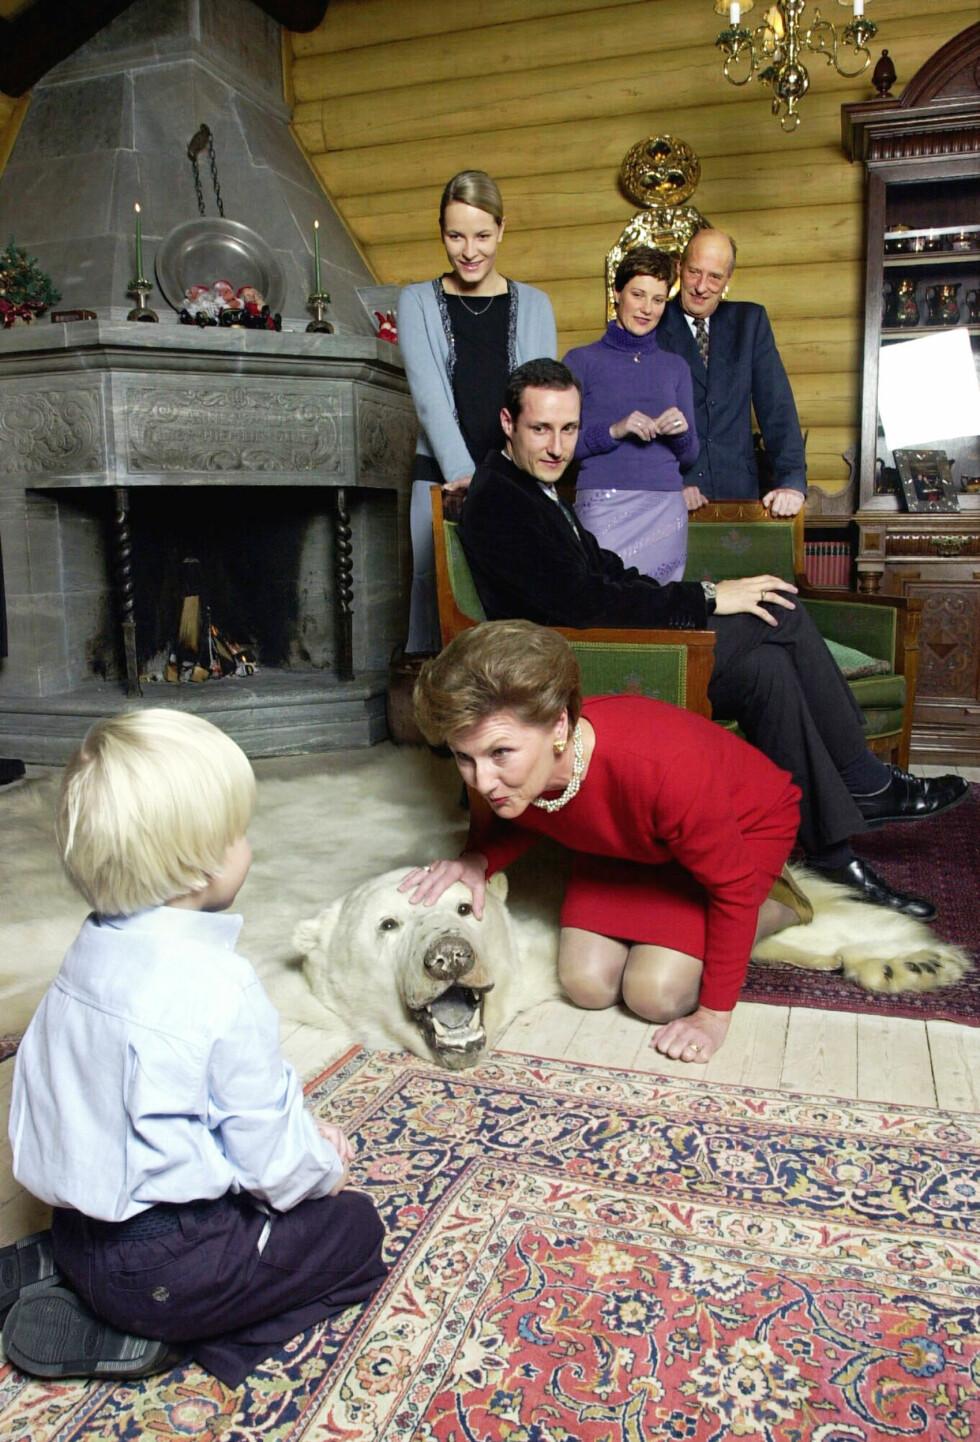 IKONISK BILDE: Dronning Sonja vet alt om hva det vil si å «være ny i kongefamilien». Hun tok derfor imot stebarnebarnet Marius Borg Høiby med åpne armer da han kom inn i kongefamilien på slutten av 90-tallet. Dette bildet er tatt på kongsseteren i 2000. Foto:  Foto: NTB Scanpix